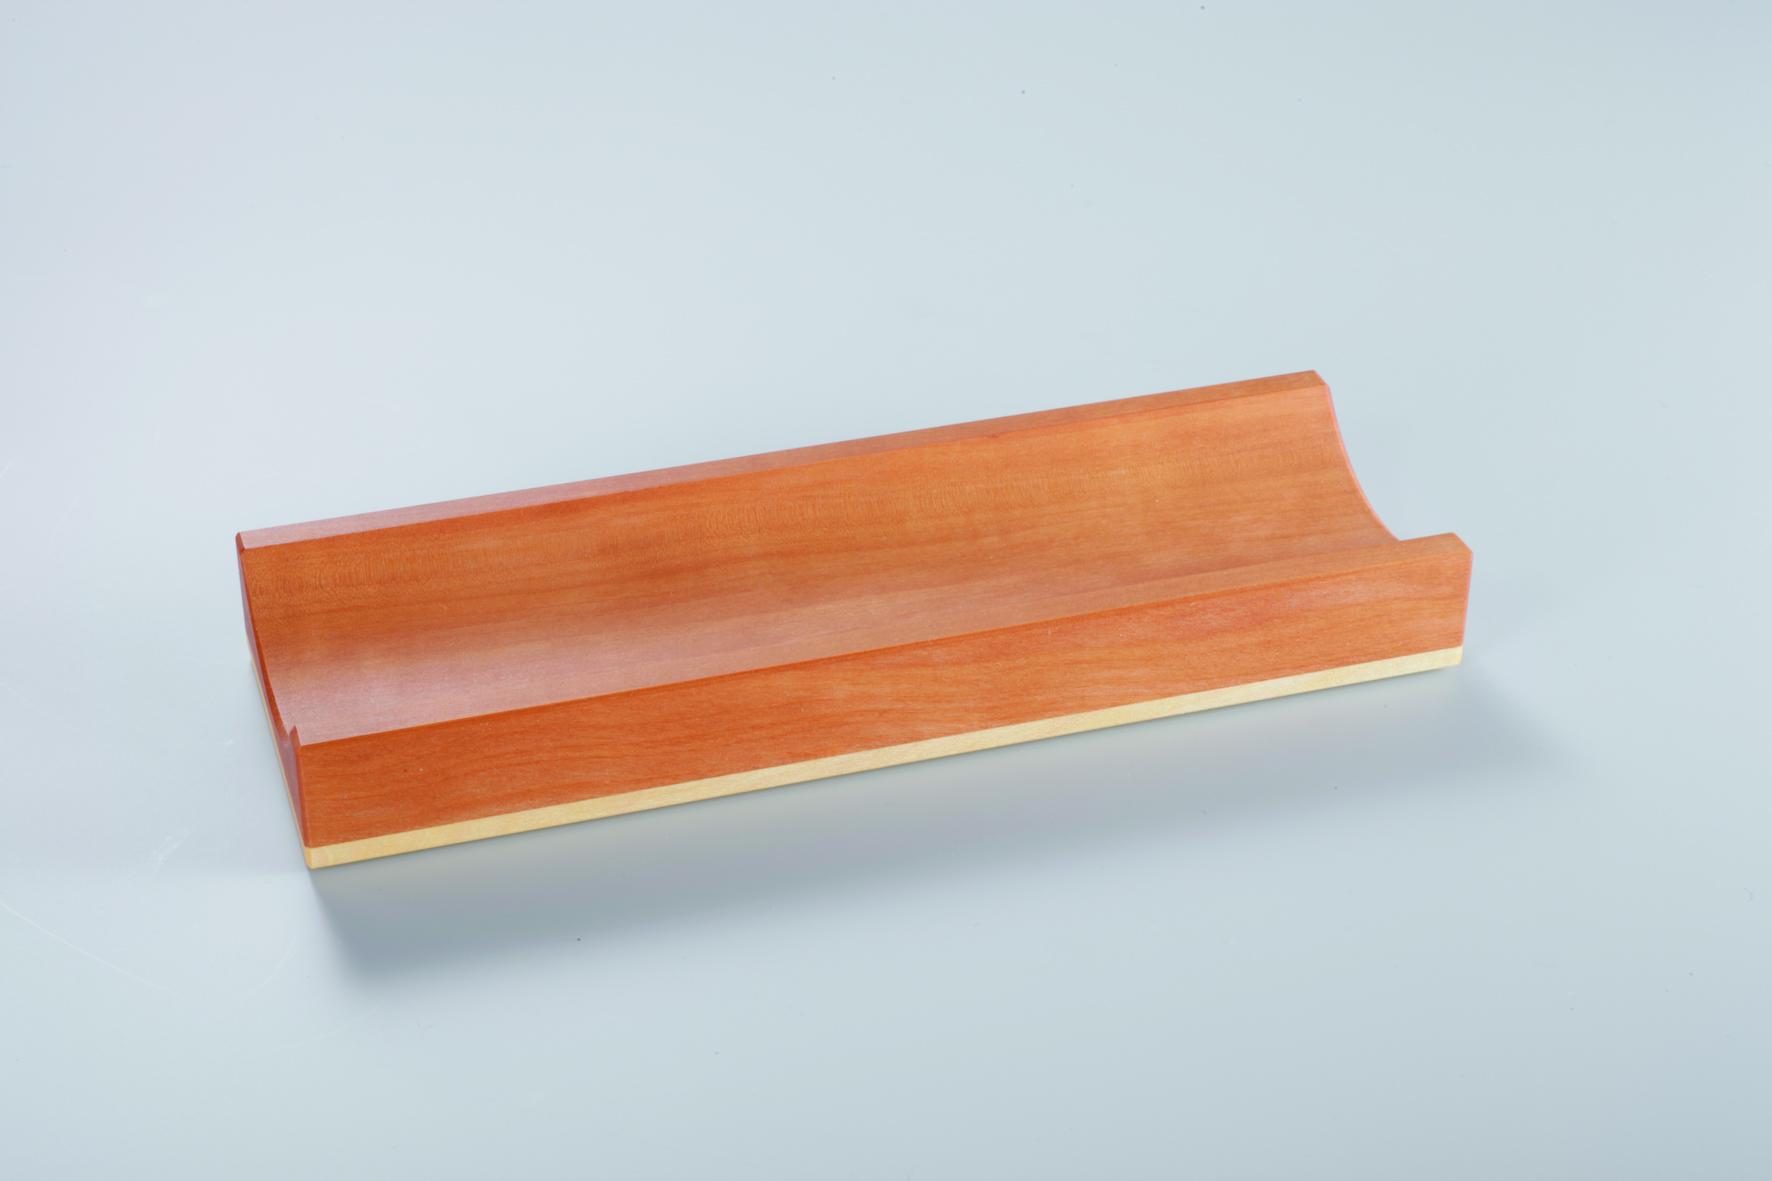 Klebefilmabroller Schnecke aus Holz Ahorn und Birne